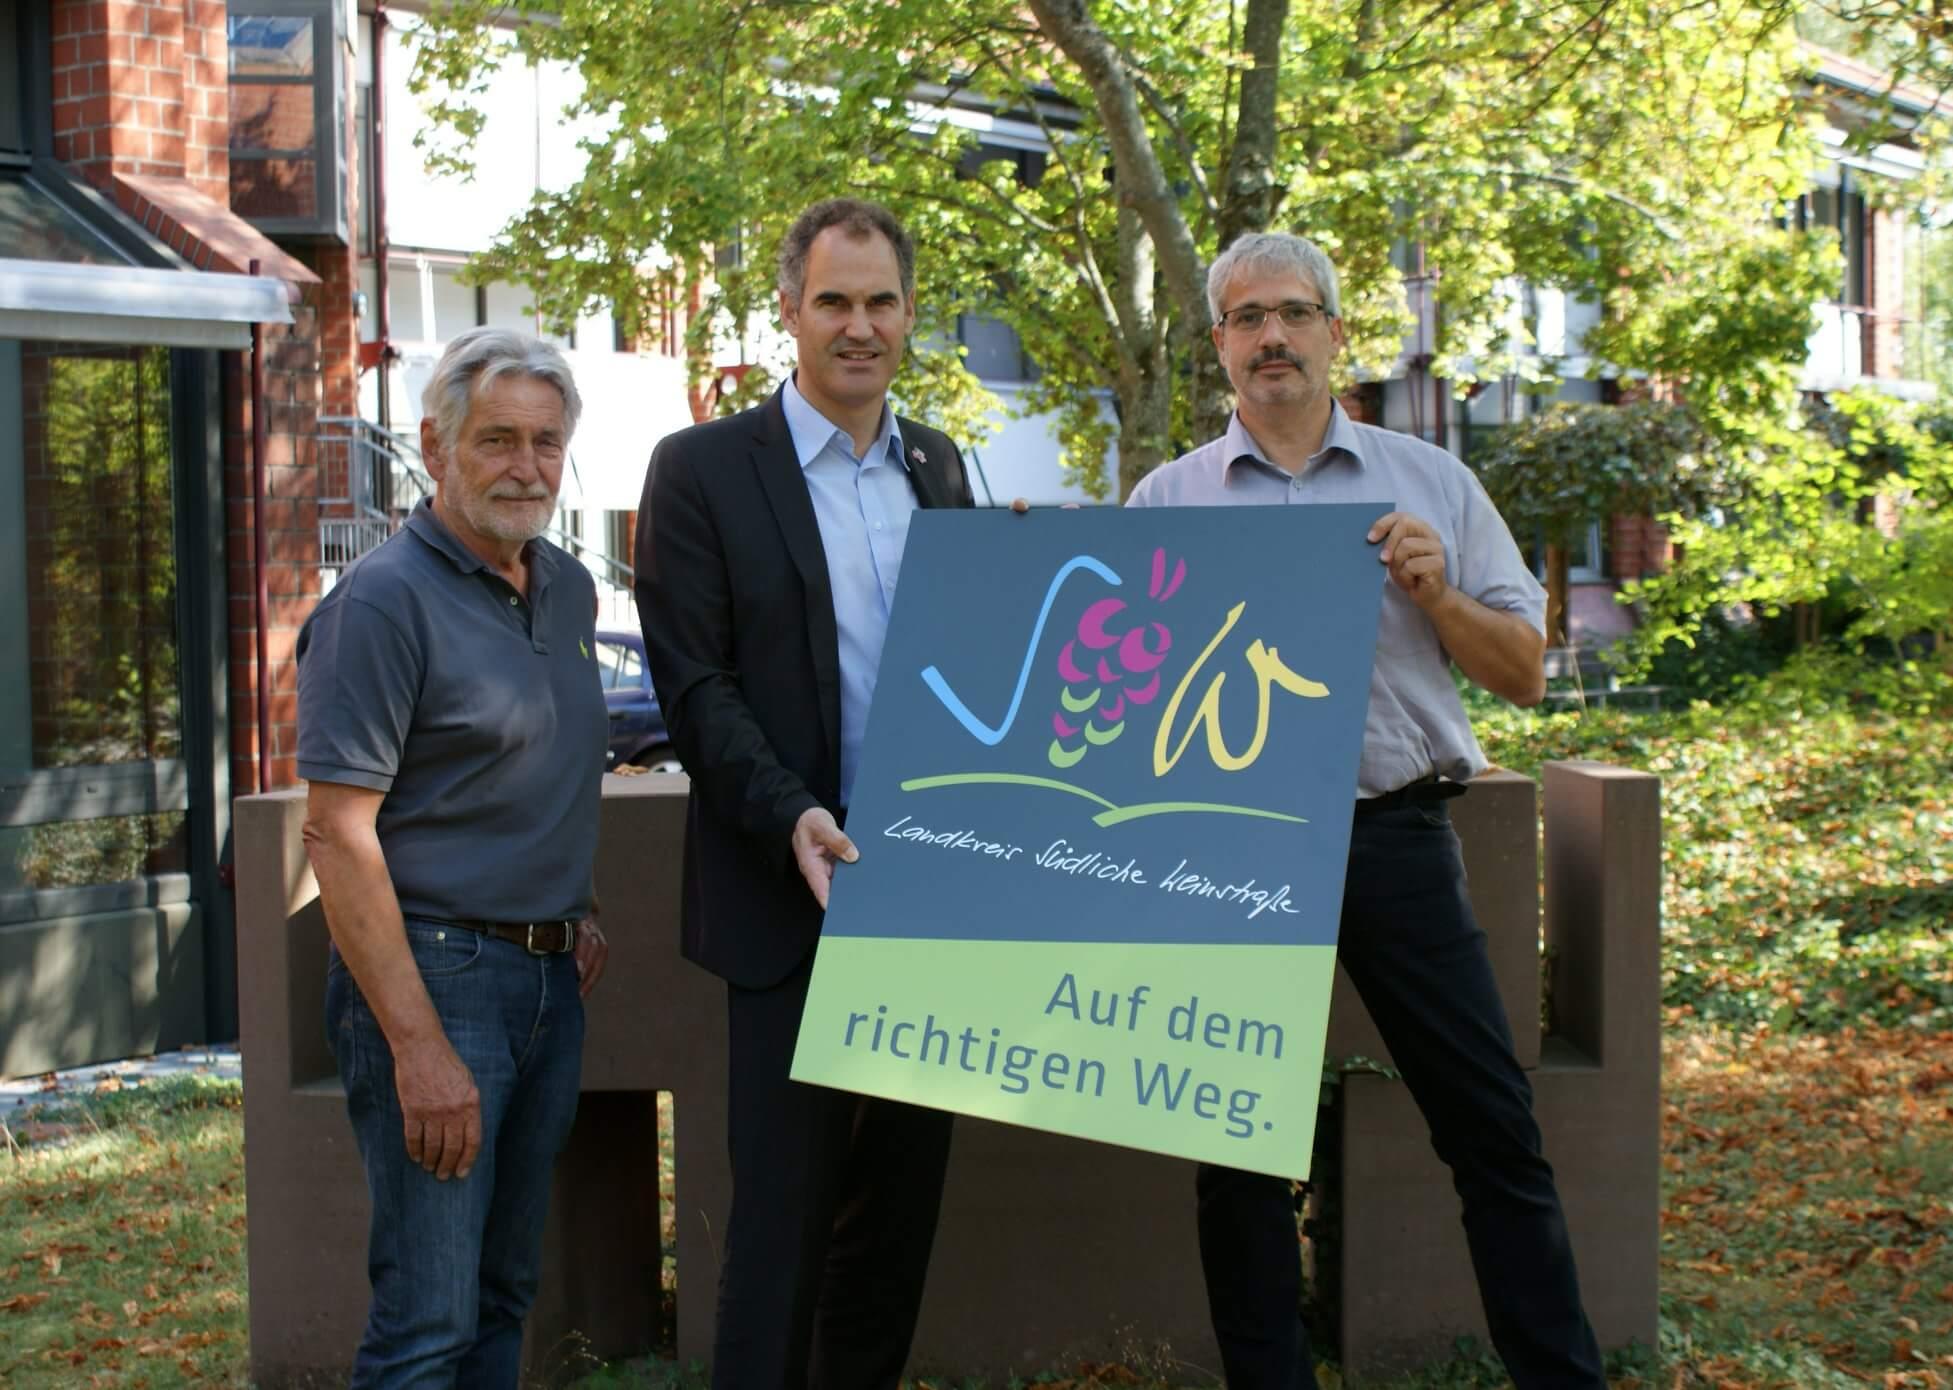 Karlheinz Zwick (li.), Dietmar Seefeldt (mi.) und Udo Kuhn (re.). (Quelle: Landkreis Südliche Weinstraße)